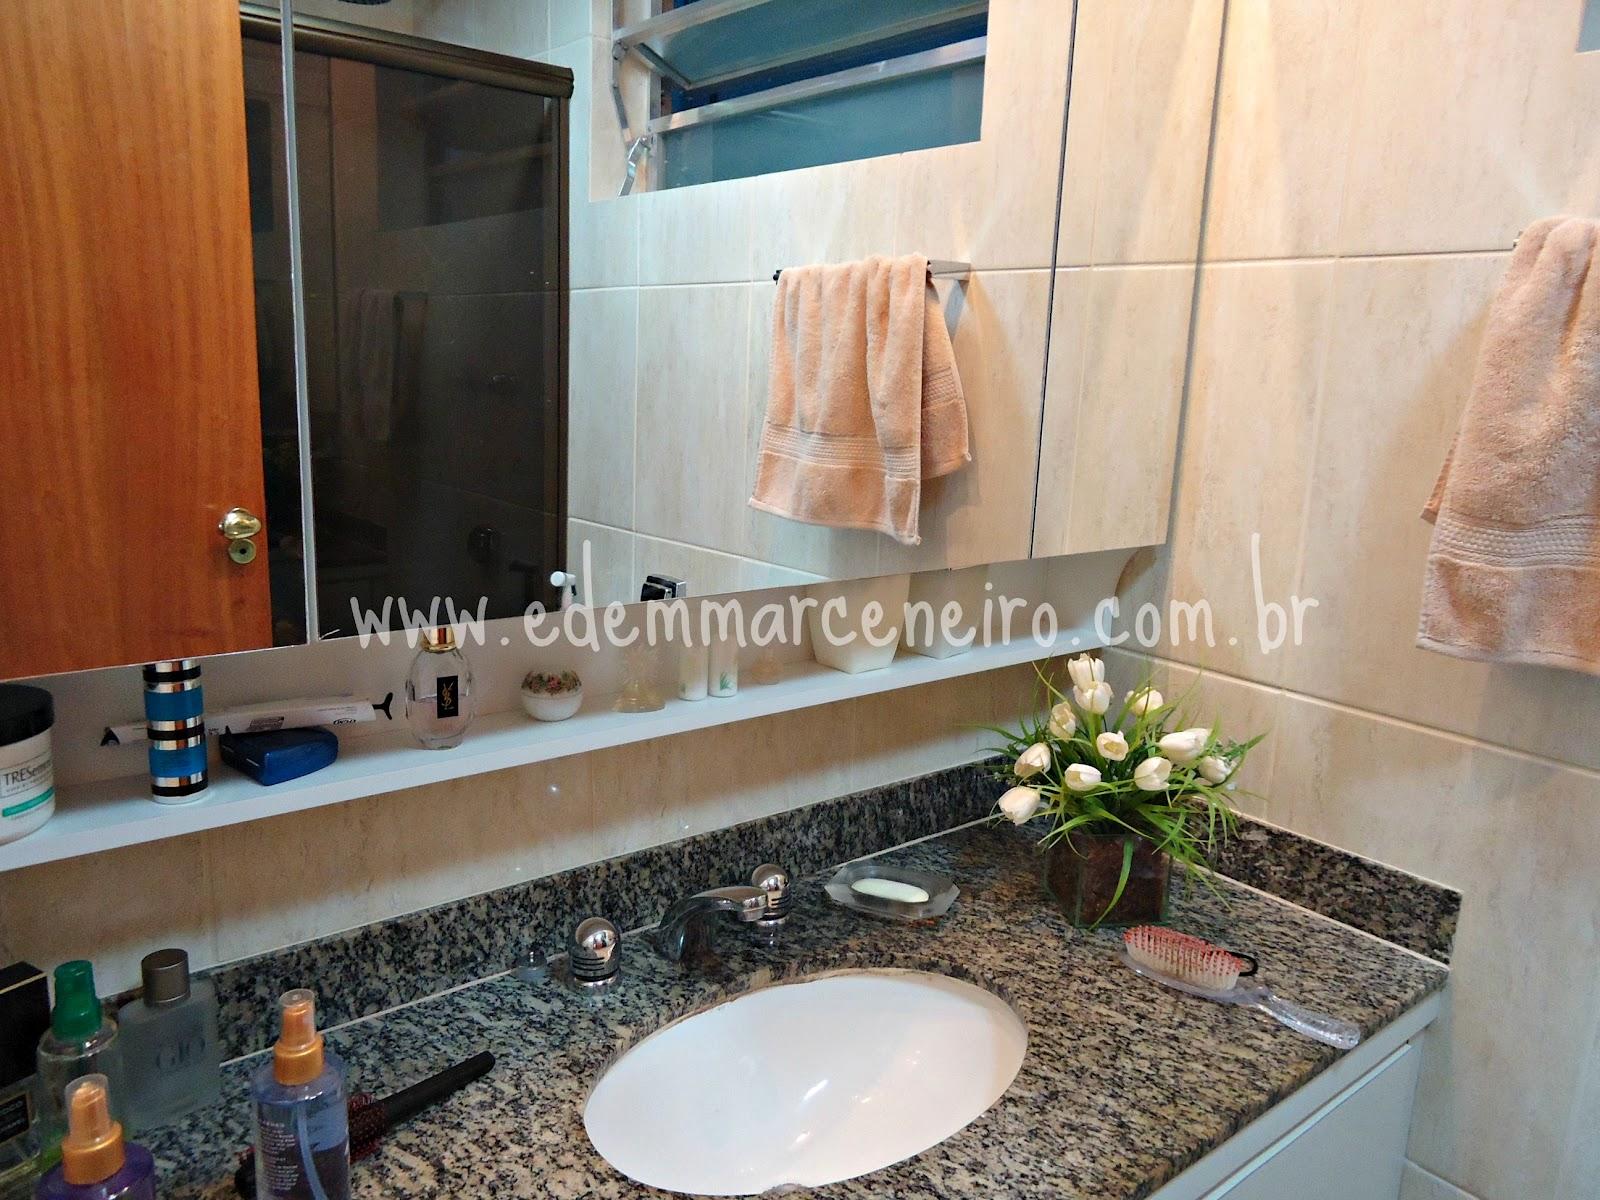 Armário Suspenso com Espelho e Porta laqueada para Banheiro Edem  #7C4324 1600x1200 Armario Banheiro Suspenso